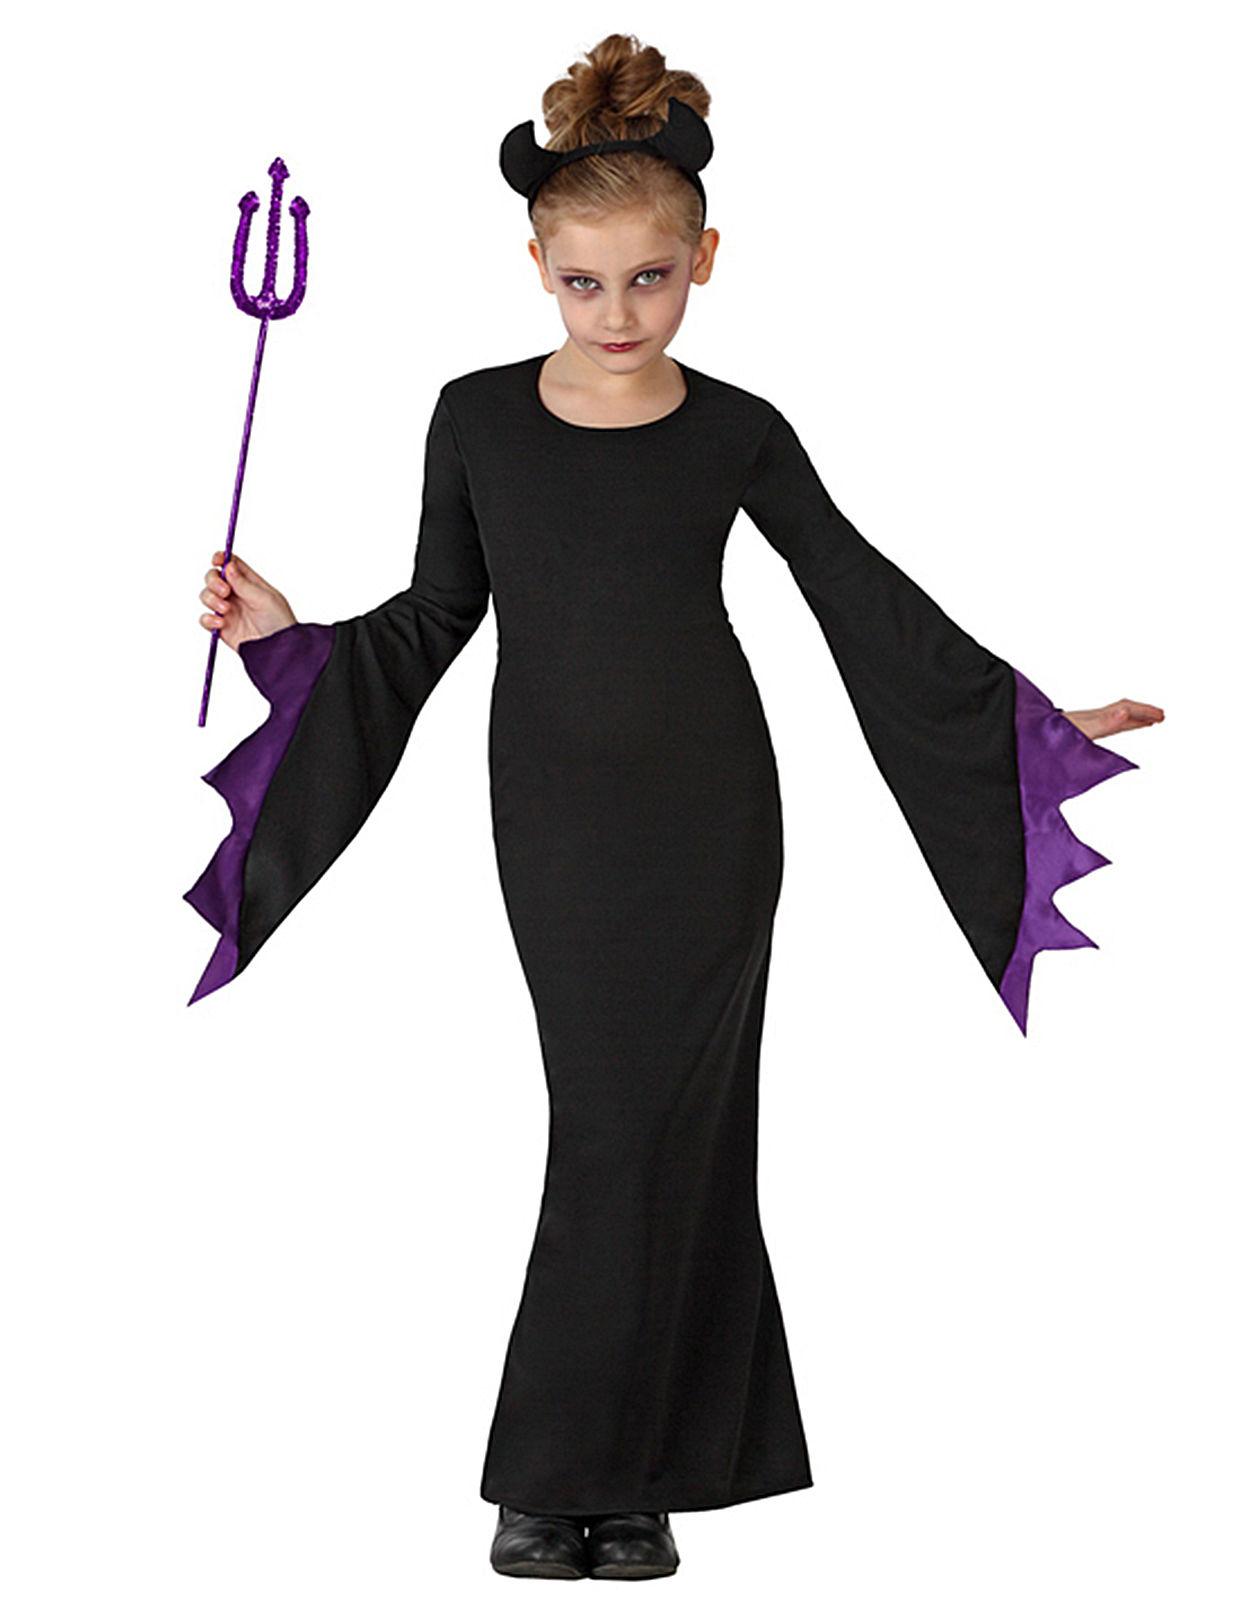 Svart djävul - Halloweenkostym för barn 099131ecf3fd0